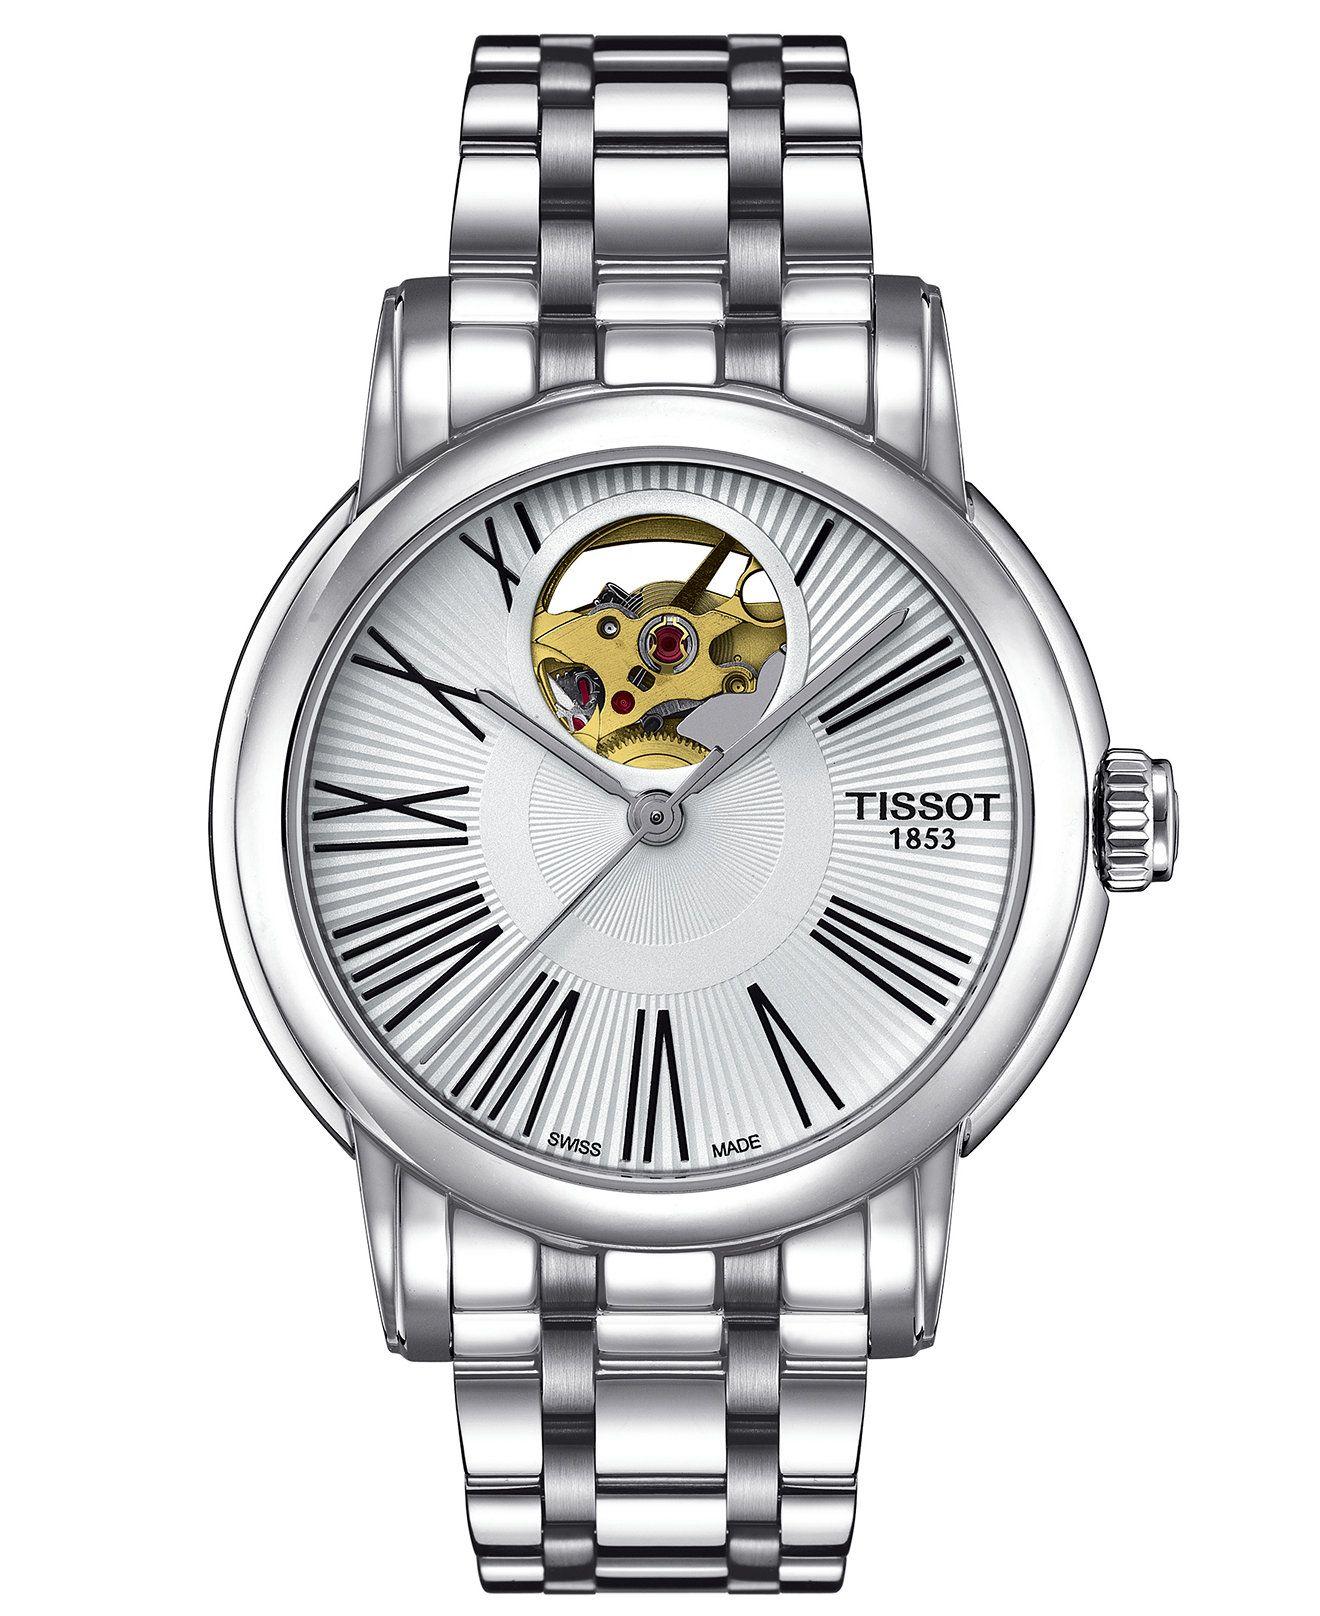 8fb92d00d69 Tissot Watch